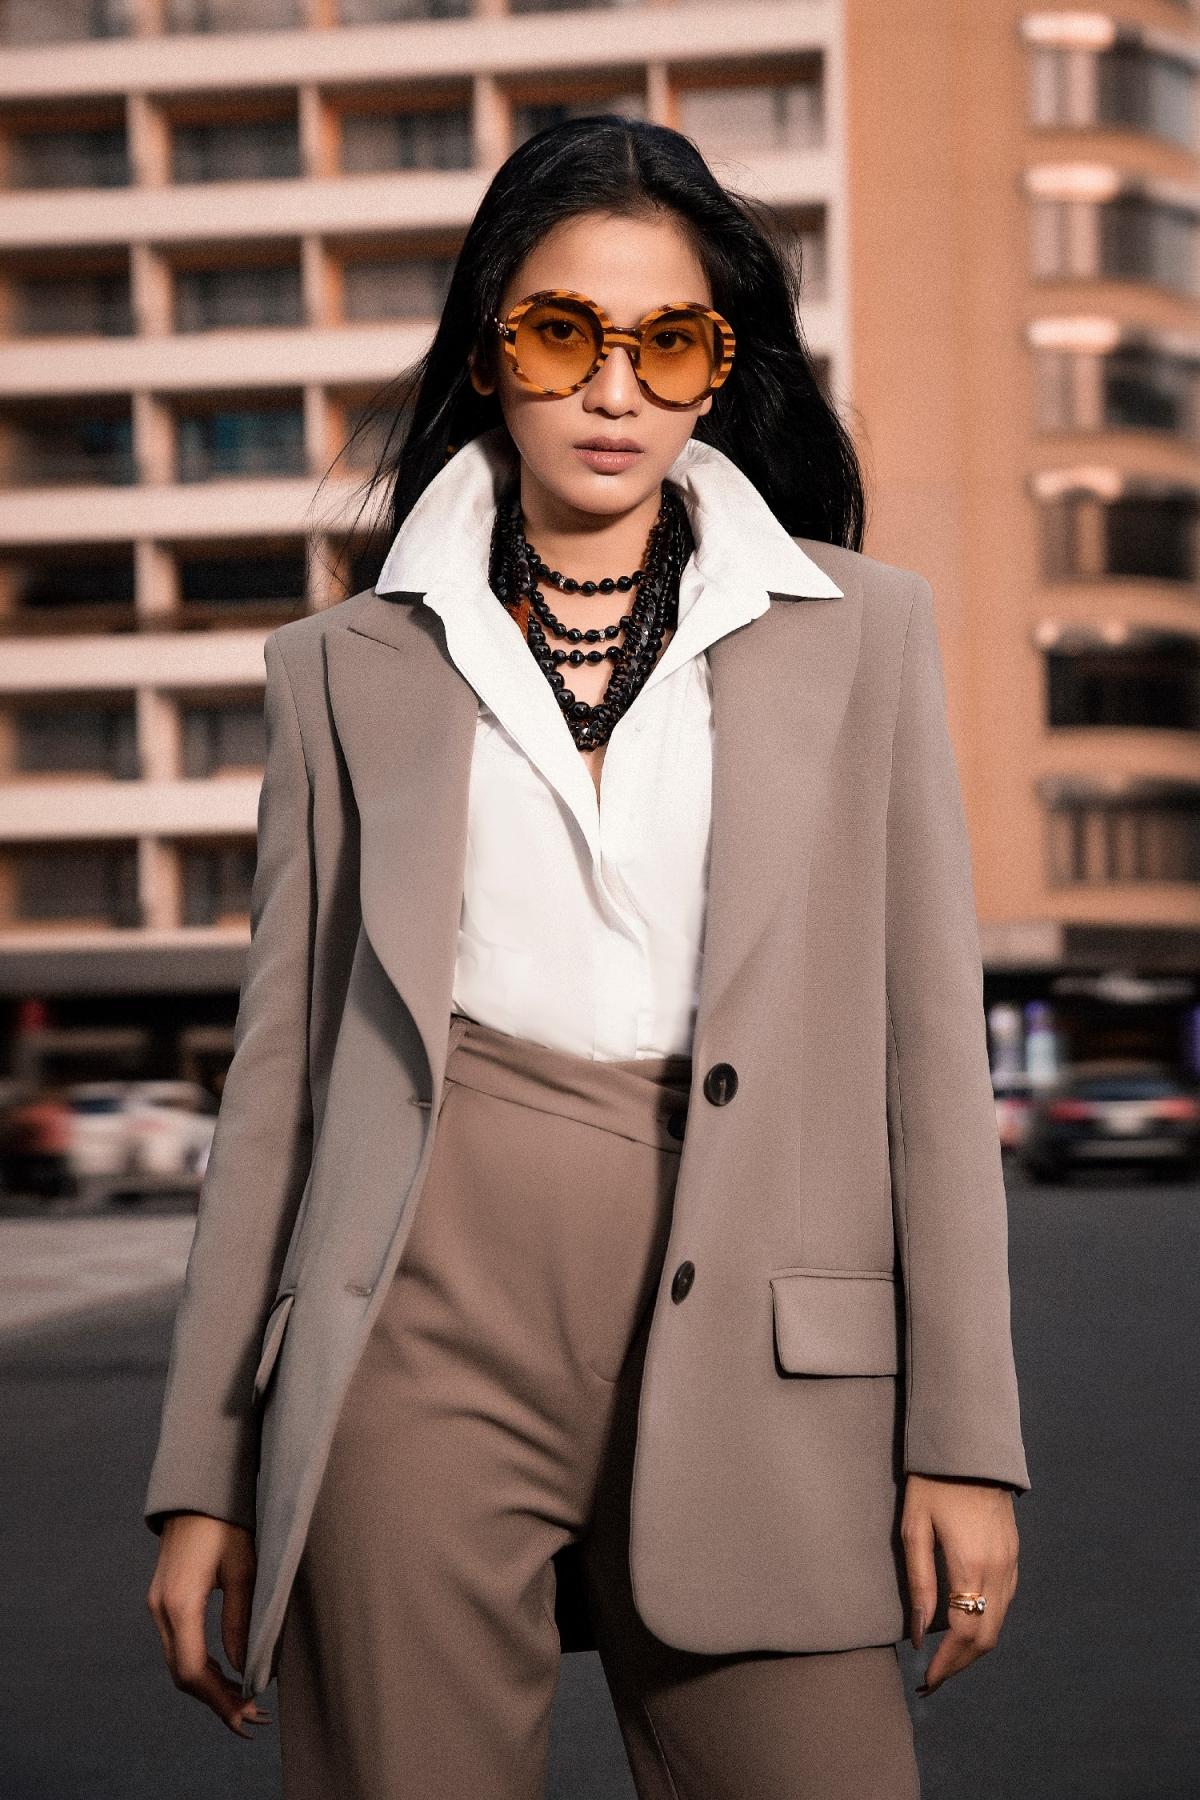 Cô tự trang điểm nhẹ, phù hợp với phong cách thời trang đường phố mà cô ưu thích.